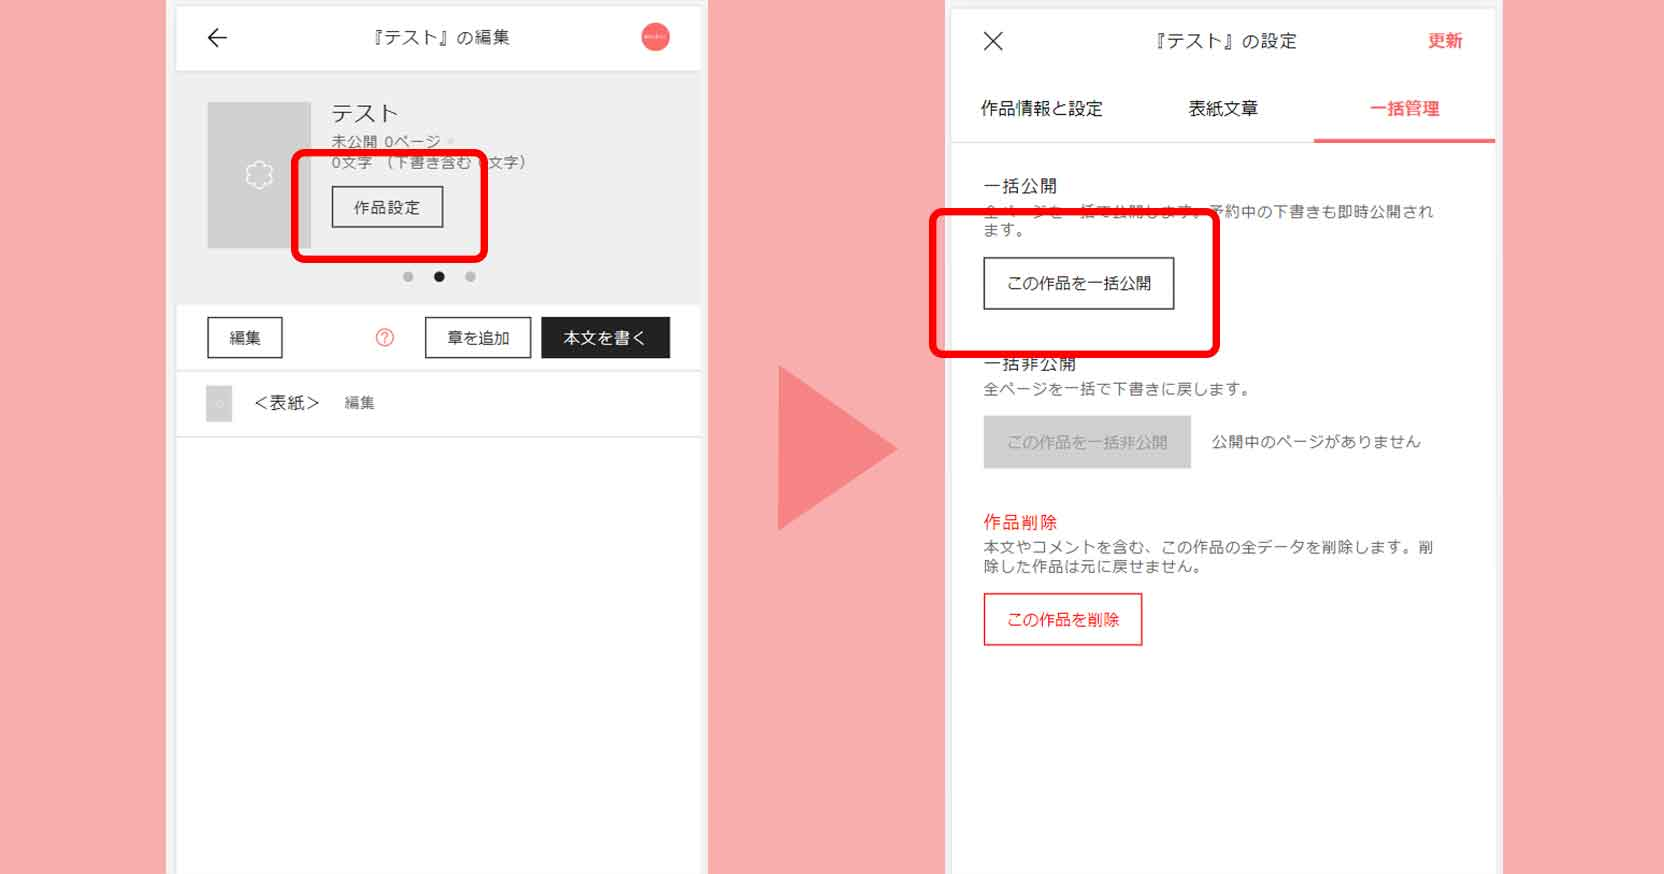 https://storage.googleapis.com/blog-info/entry/2021/09/check_1.jpg